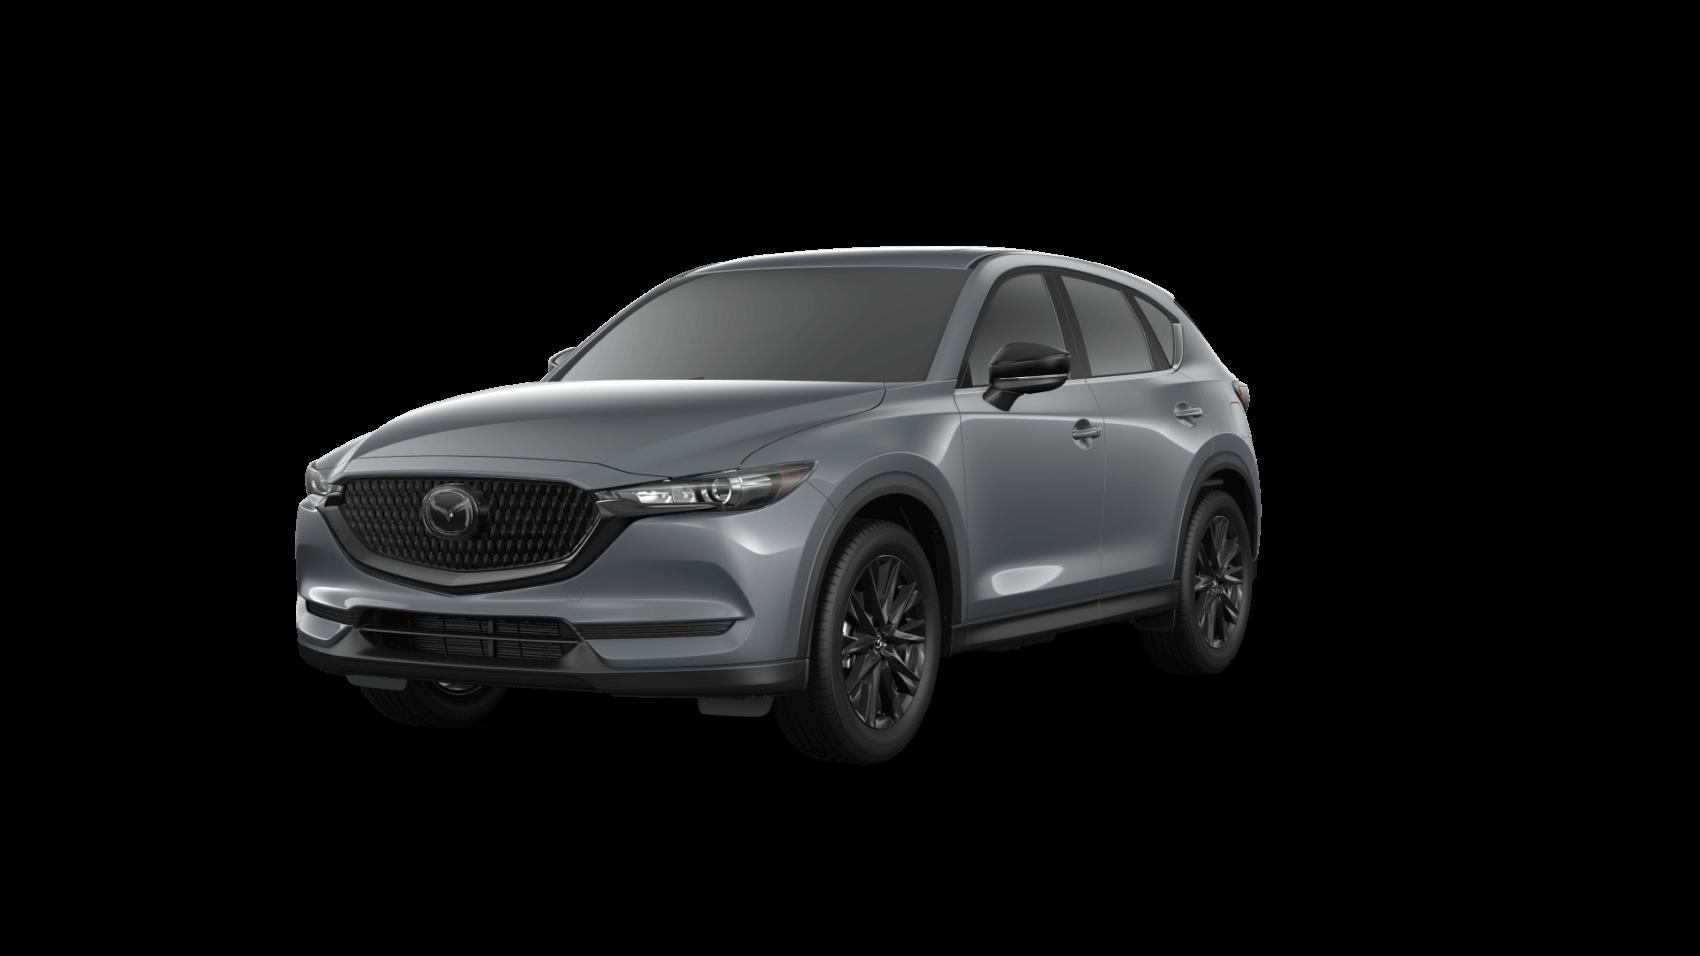 2021 Mazda CX-5 Carbon Edition Polymetal Gray Ocean Mazda